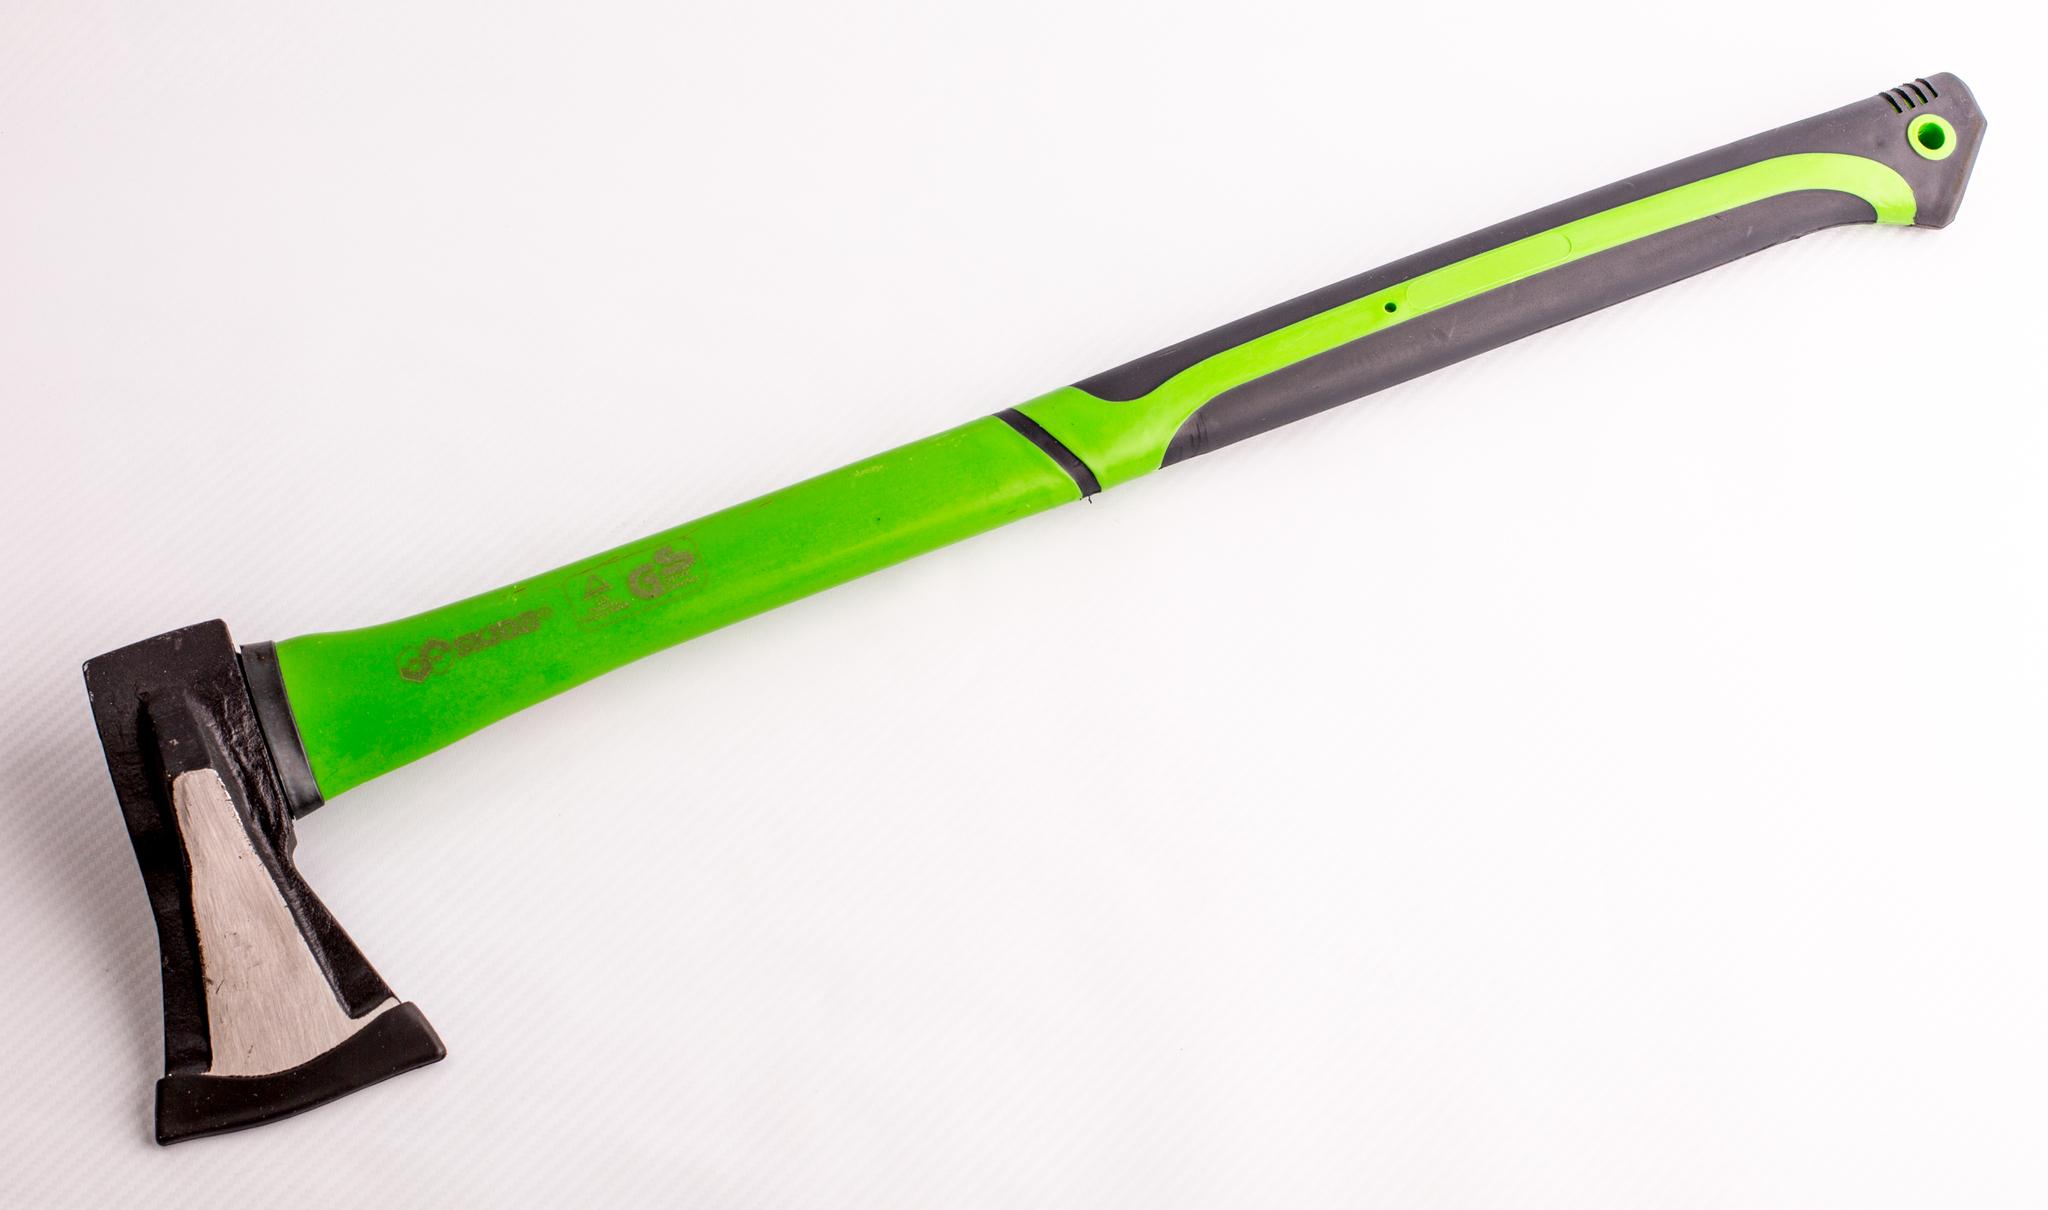 Фото 8 - Топор-колун с удлиненной фиберглассовой ручкой, 1000гр. от Noname